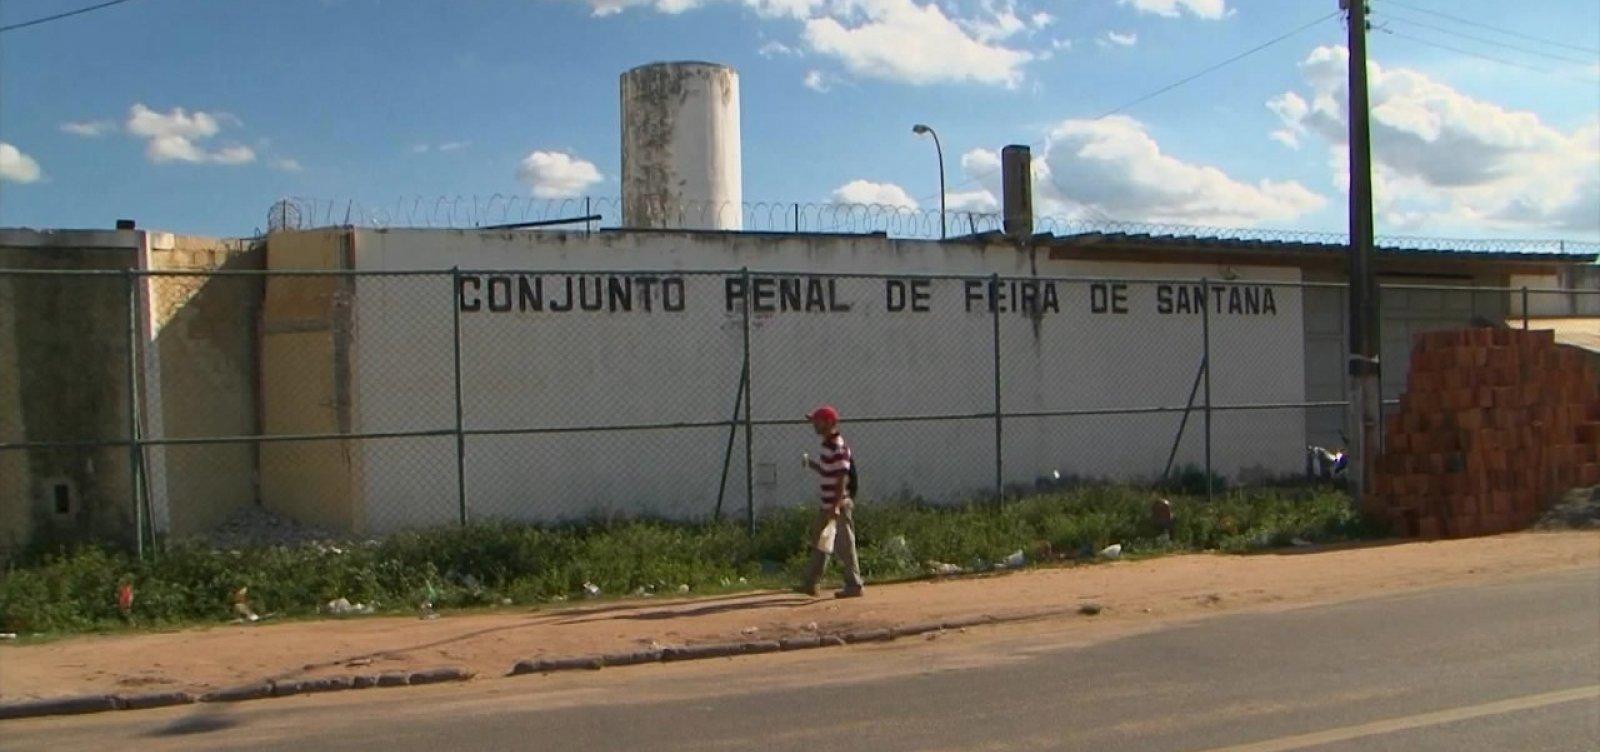 Feira de Santana: mais de 300 presos do semiaberto vão para prisão domiciliar